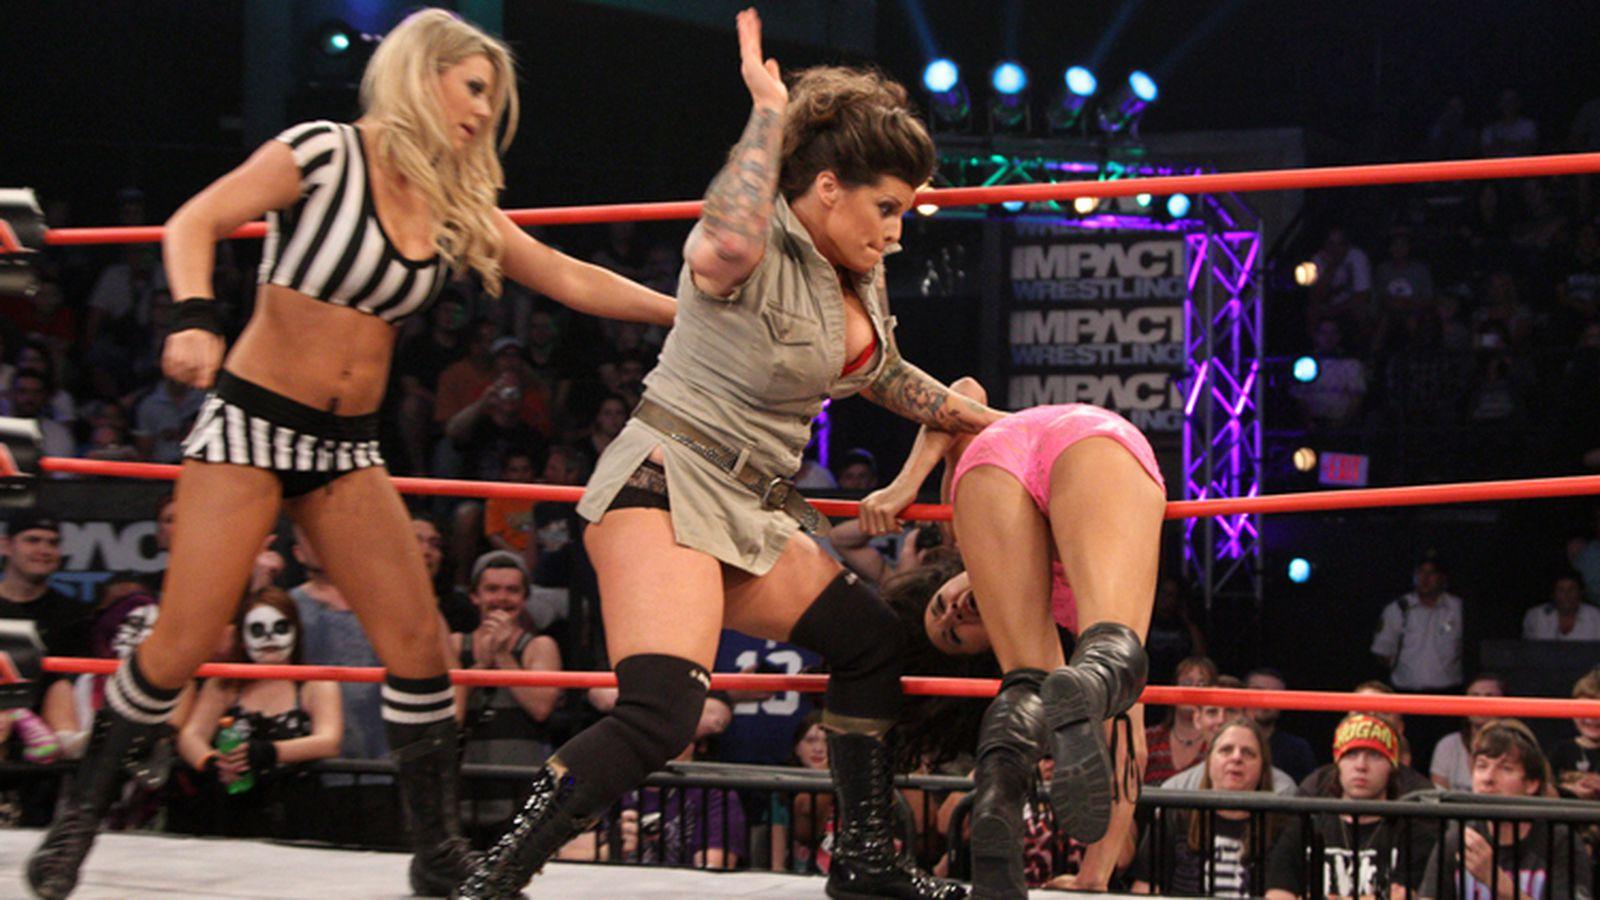 Impact wrestling women nude